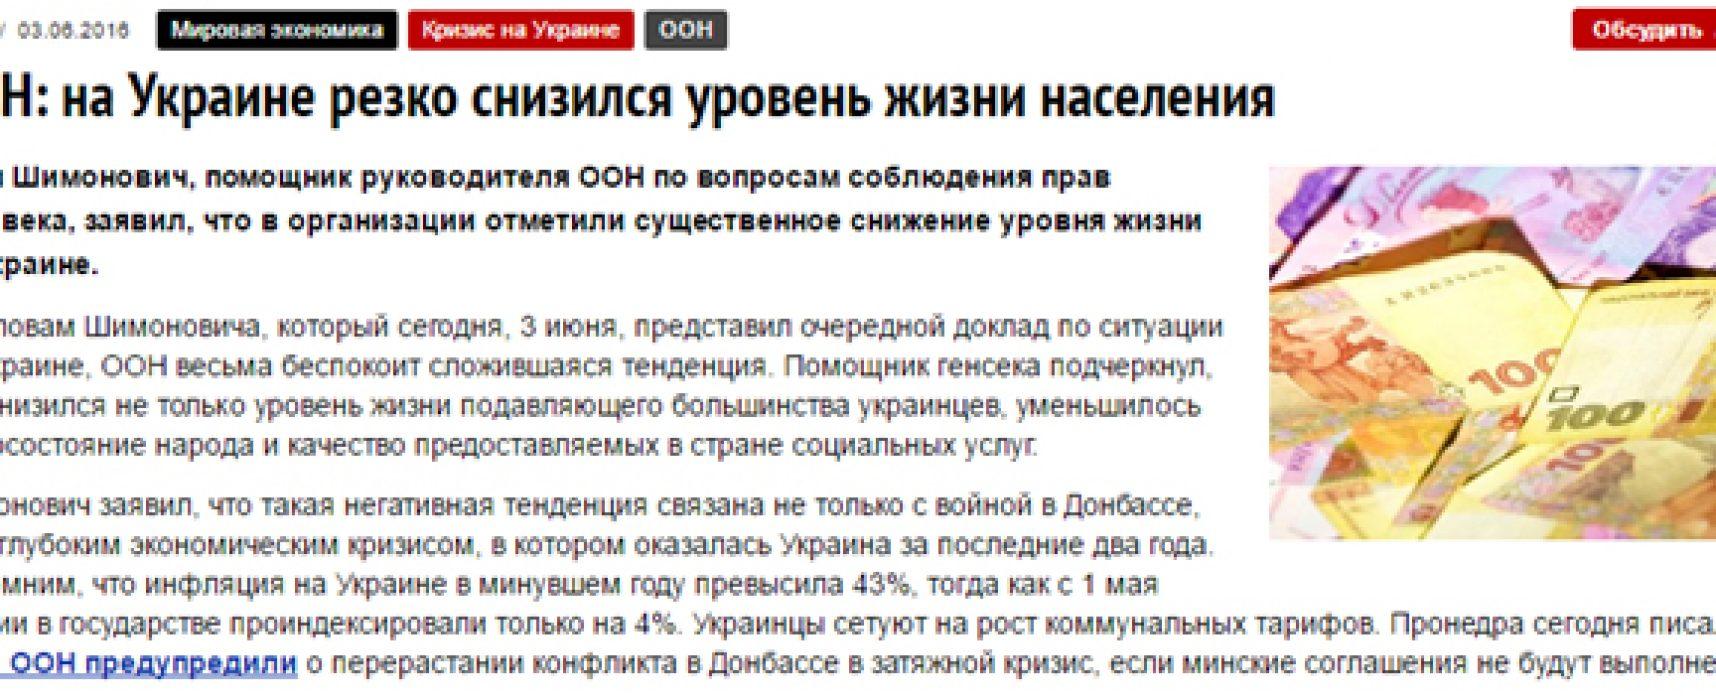 La TASS altera il rapporto delle Nazioni Unite sulla situazione in Ucraina